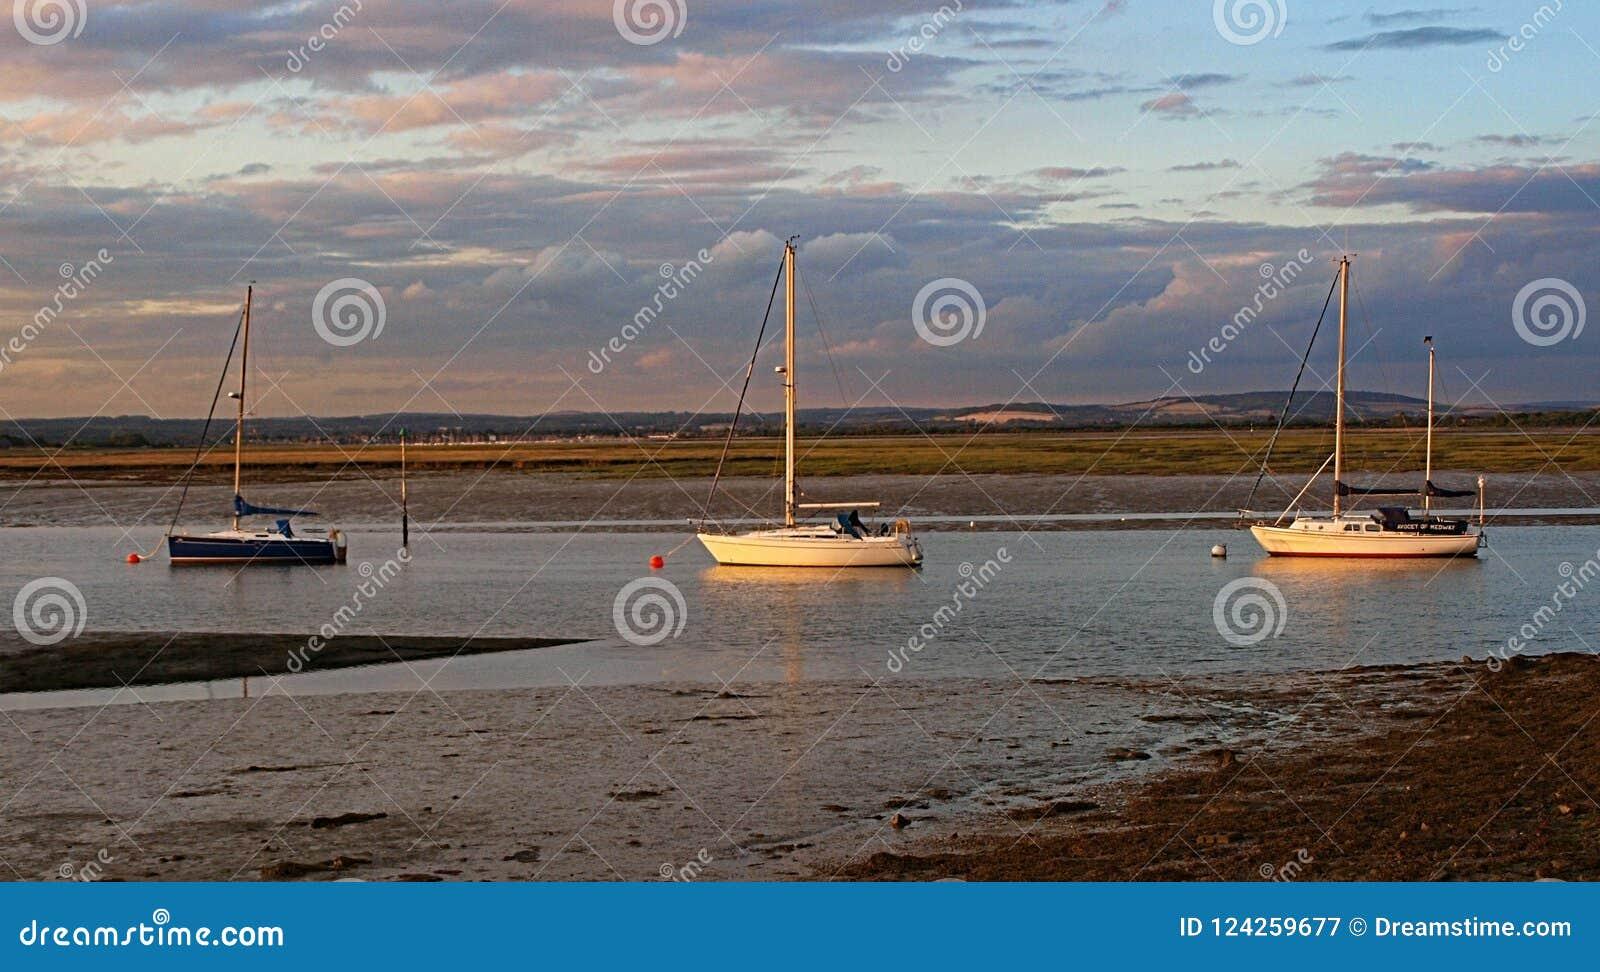 3 yacht imprisioned in acque basse come aspettano pazientemente l alta marea seguente